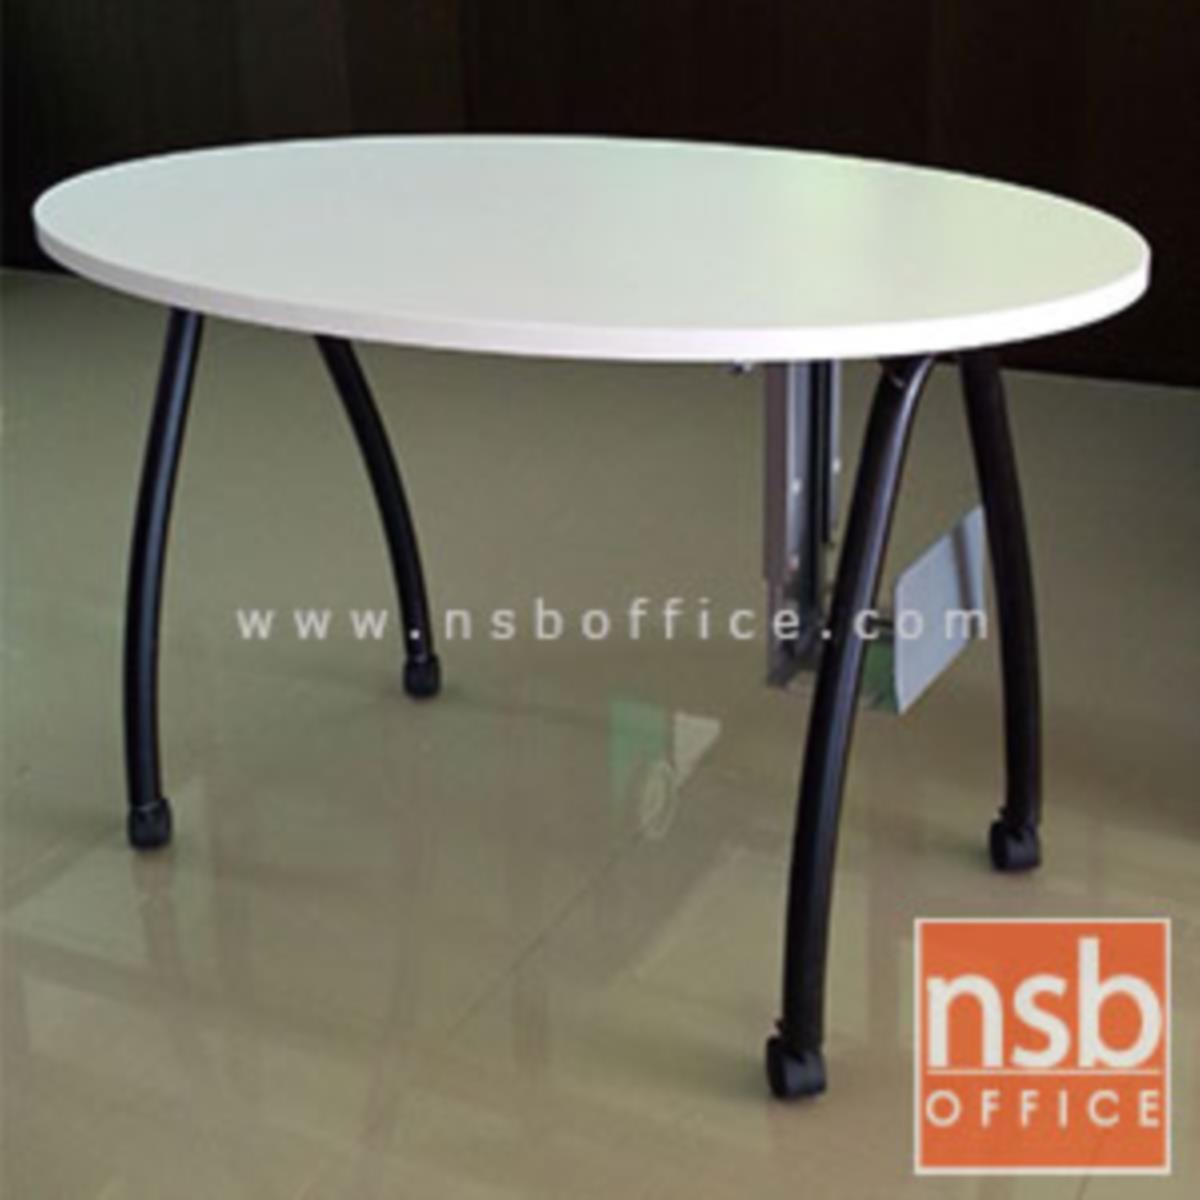 โต๊ะทำงานทรงวงรี ขนาด 120W*75H cm.    ขาเหล็กโค้งล้อเลื่อน